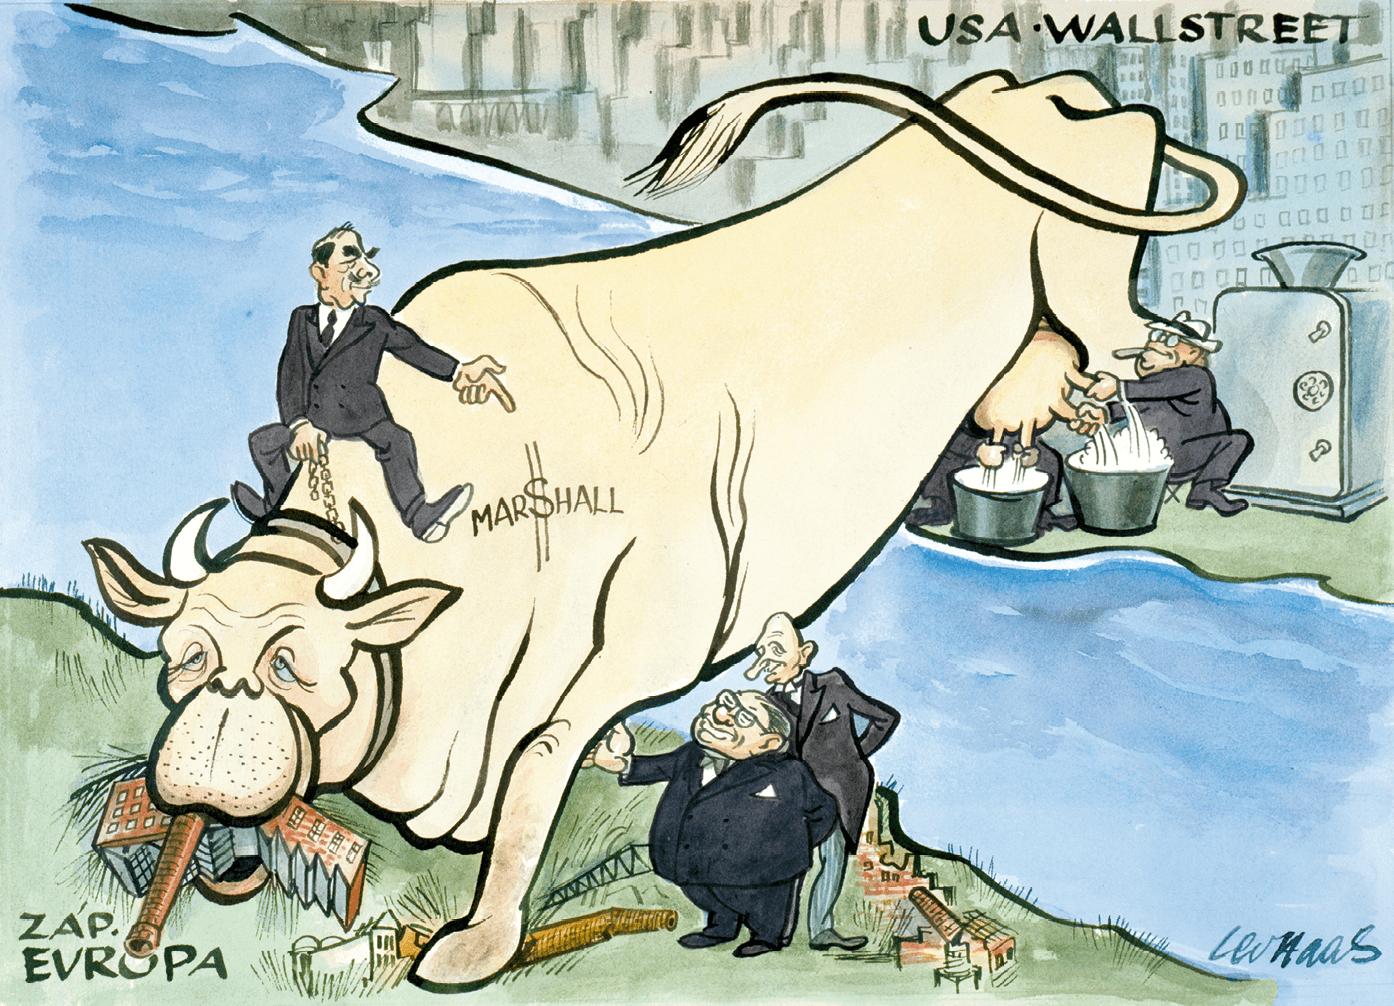 Le secrétaire d'État installé sur la vache Marshall